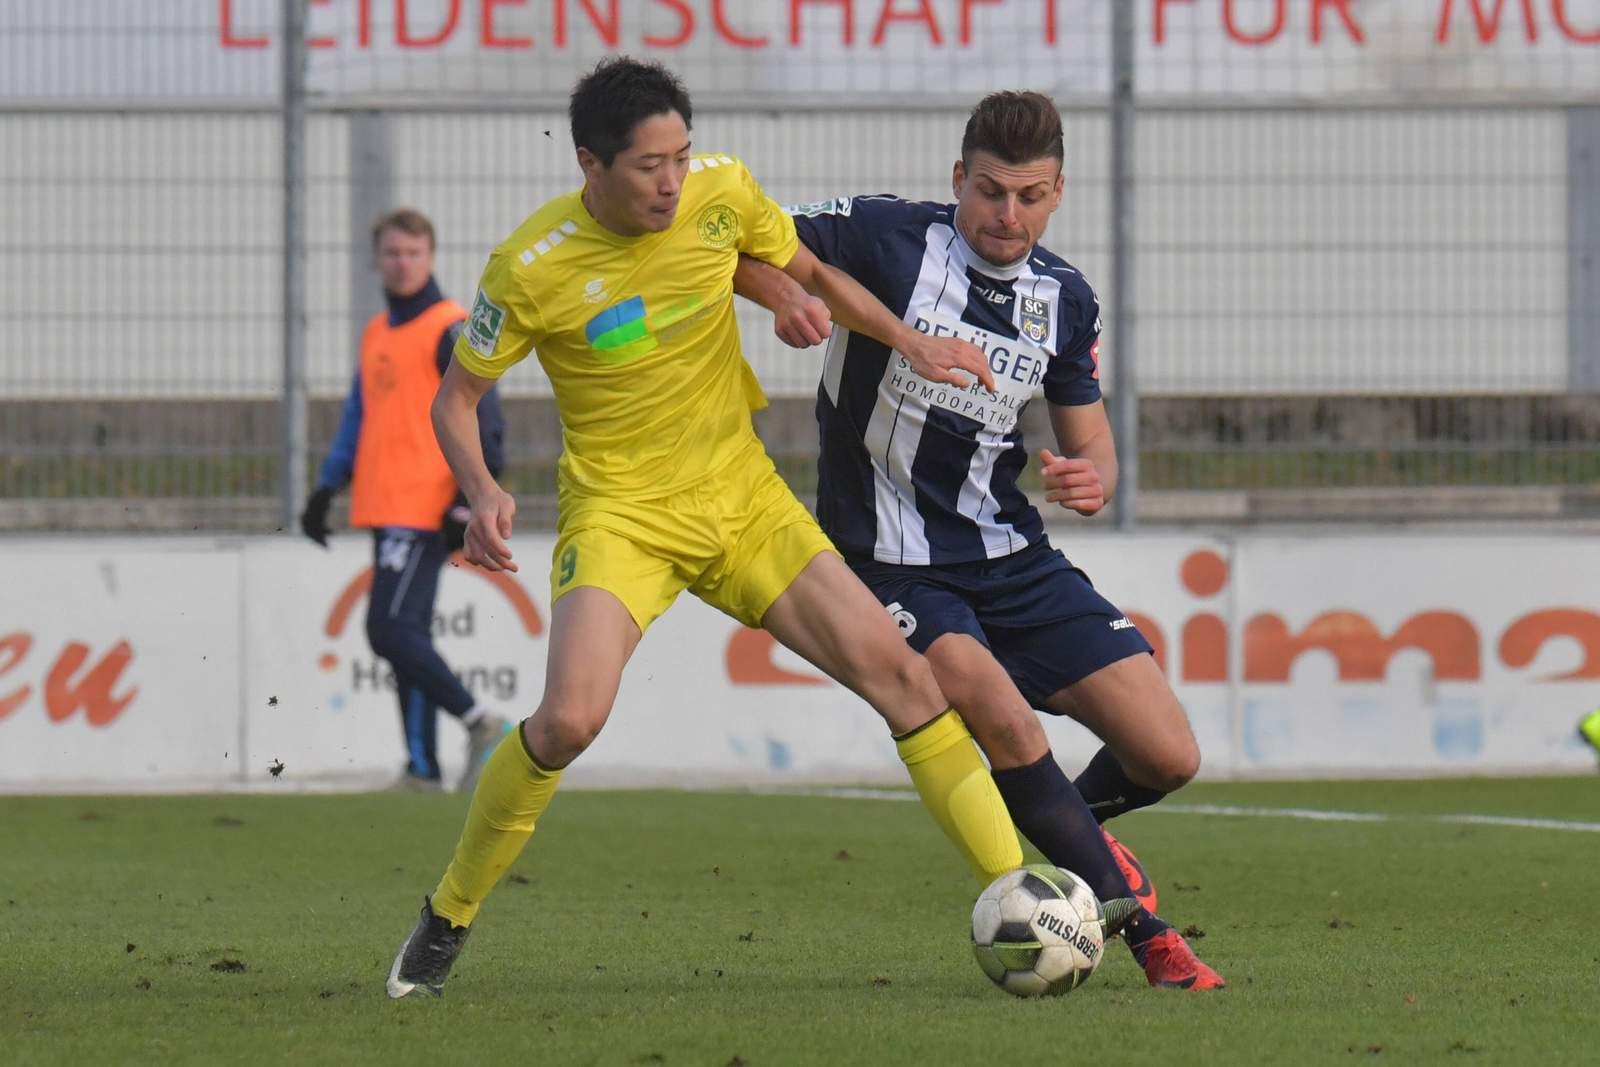 Shun Terada vom SV Straelen gegen Robin Twydry von Wiedenbrück